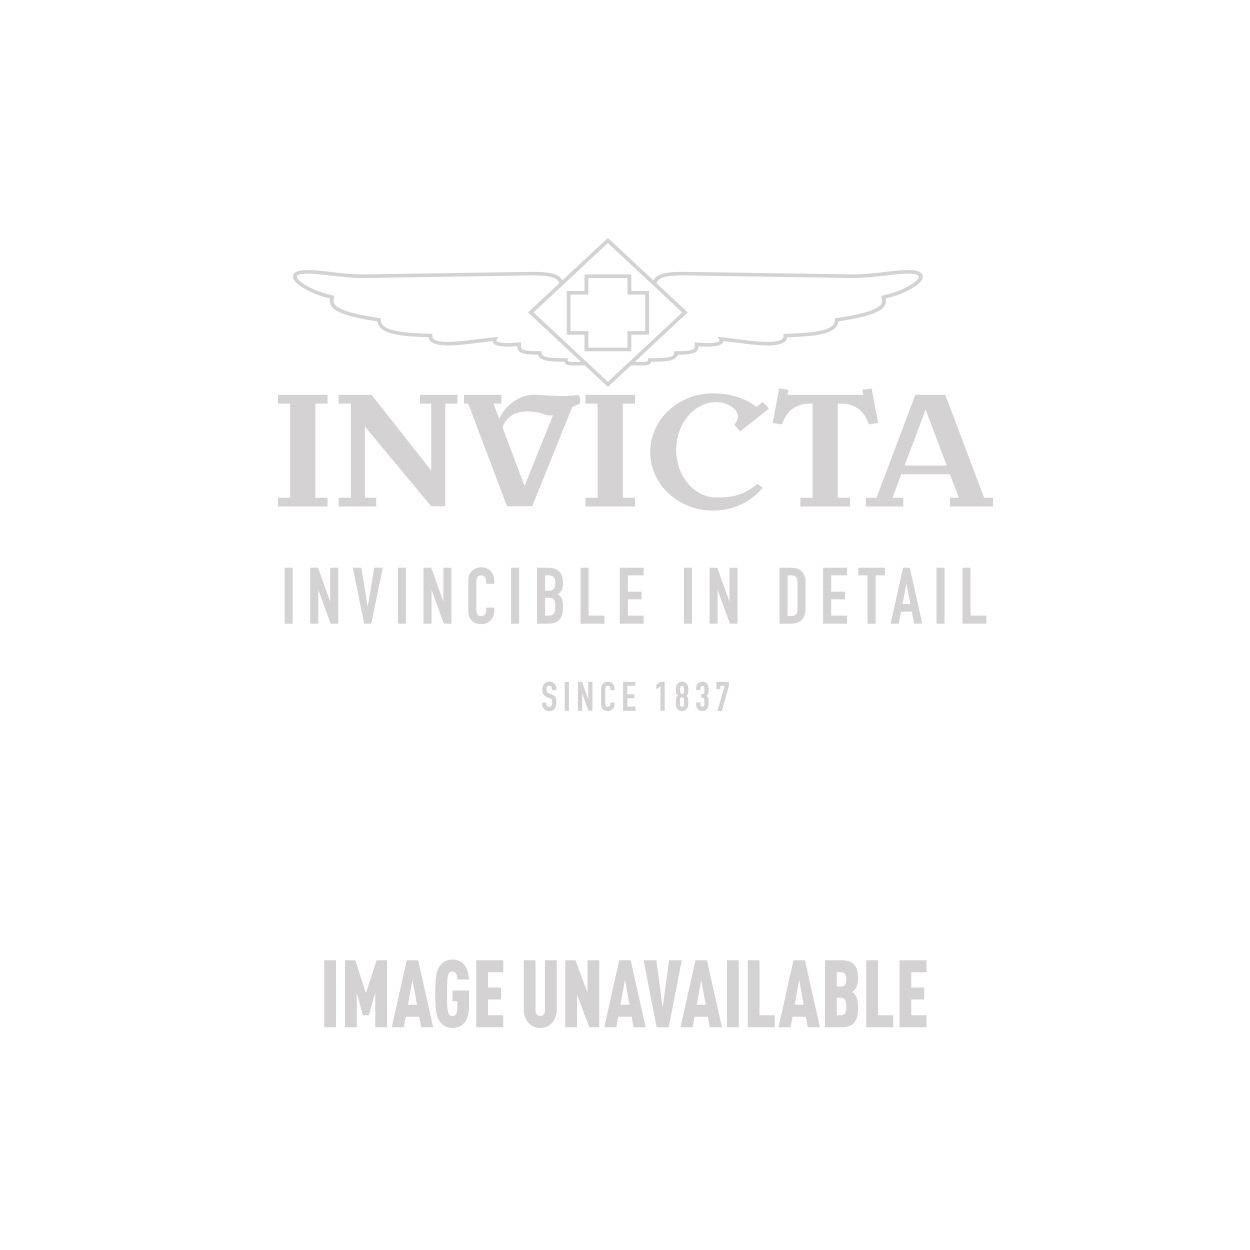 Invicta Model 21884